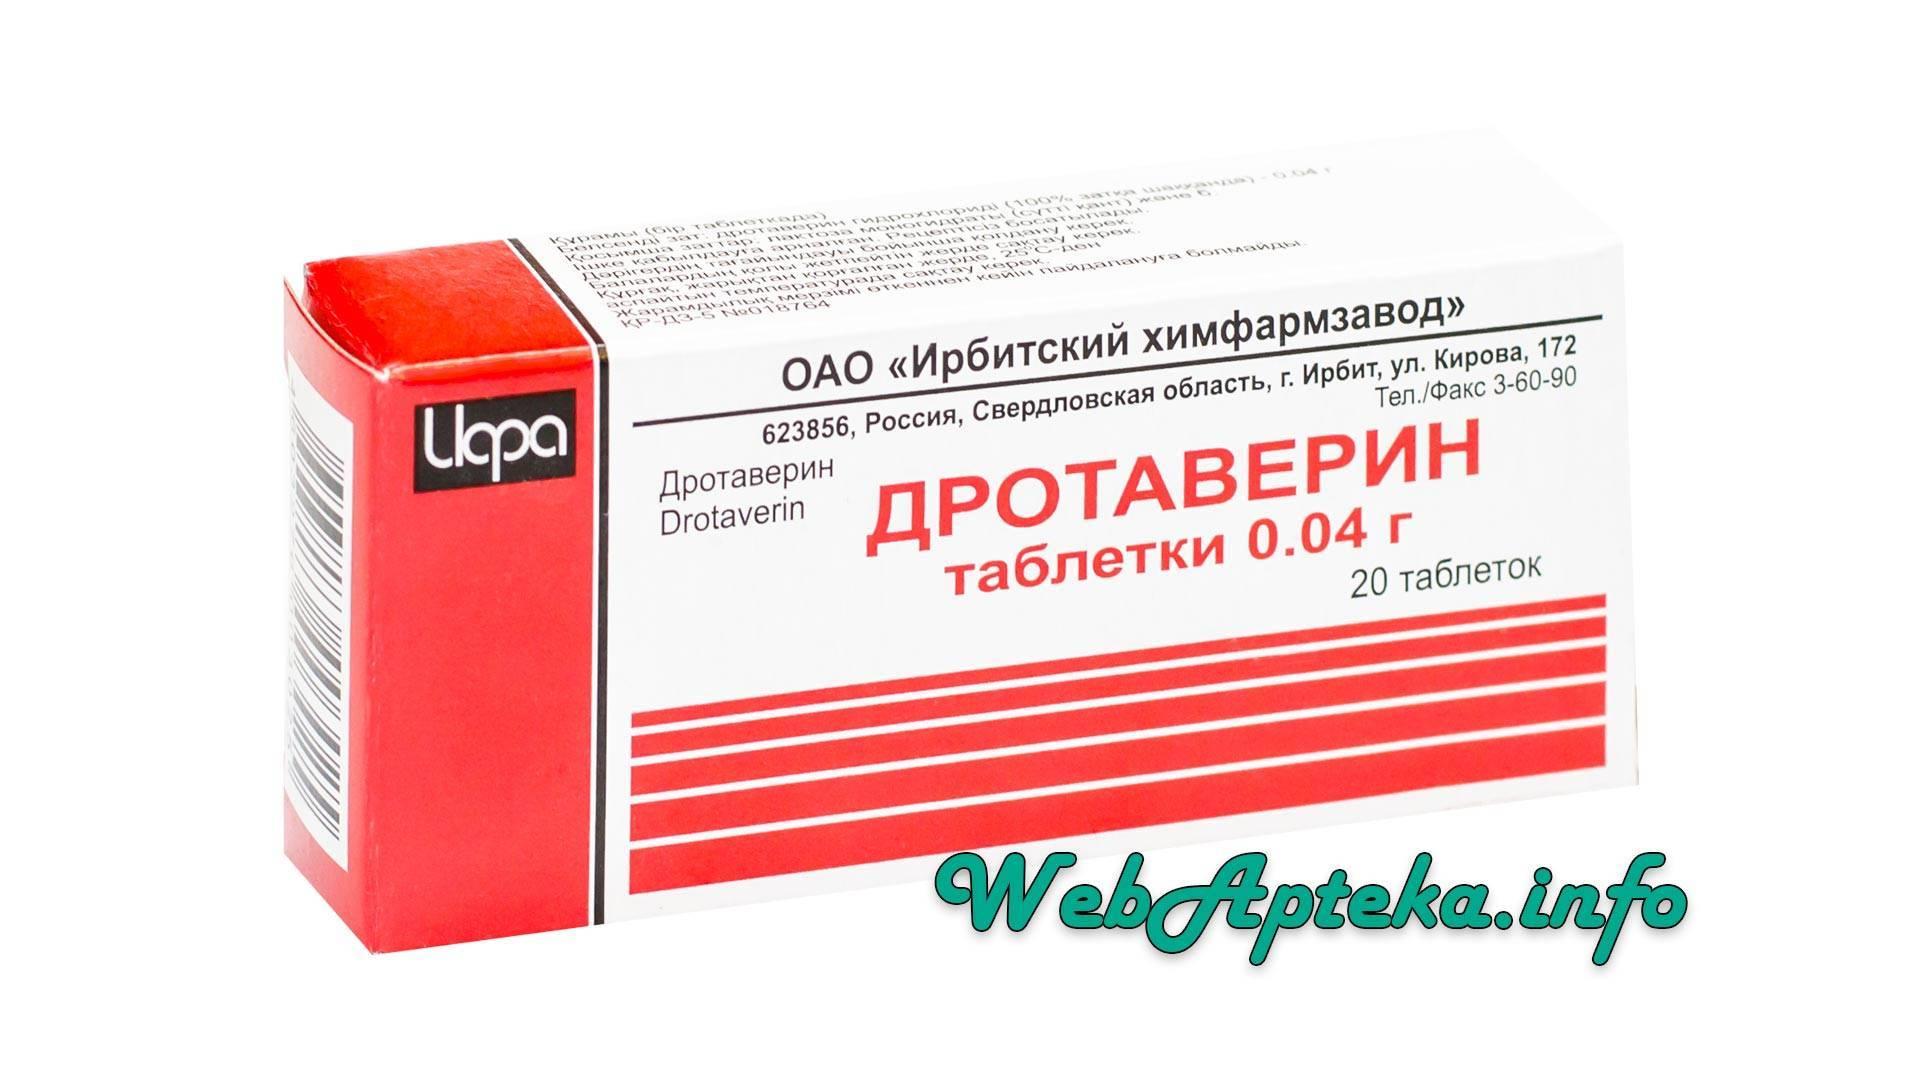 Таблетки «дротаверин»: инструкция по применению